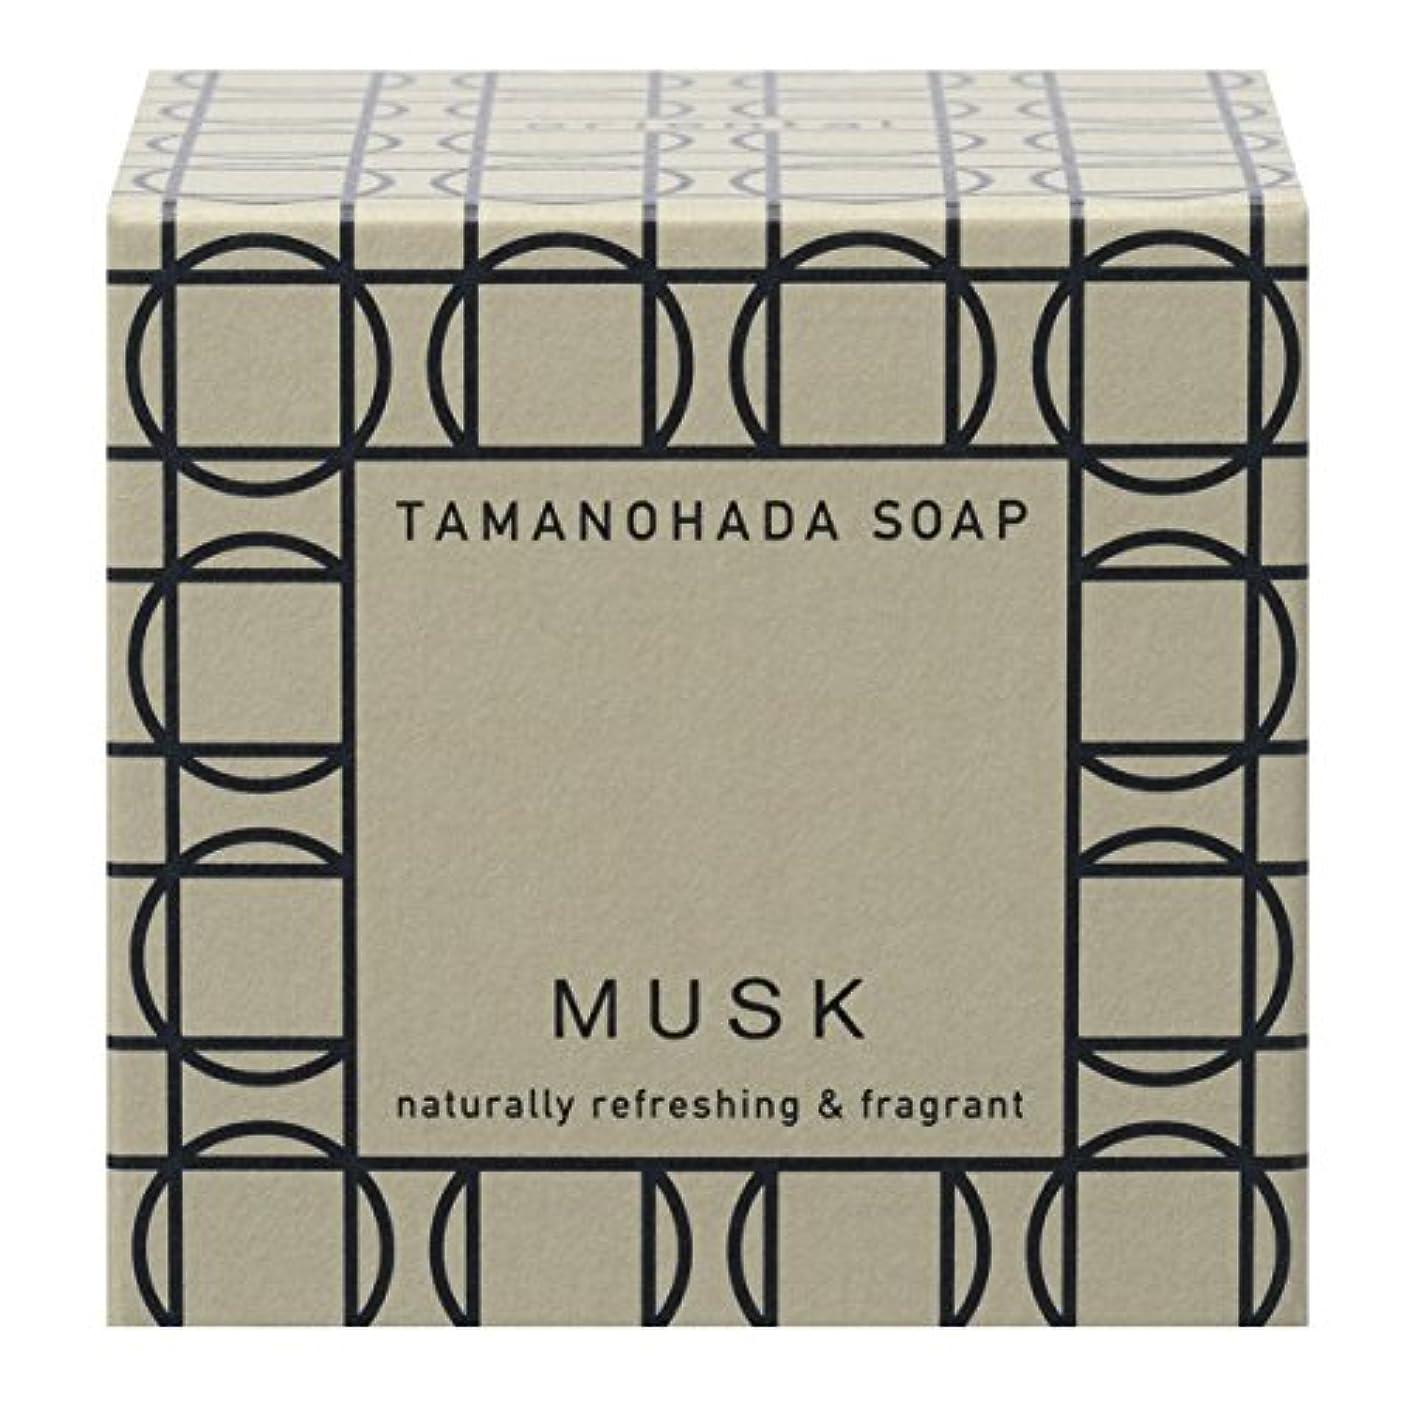 緑気づかない穏やかなタマノハダ ソープ 002 ムスク 125g